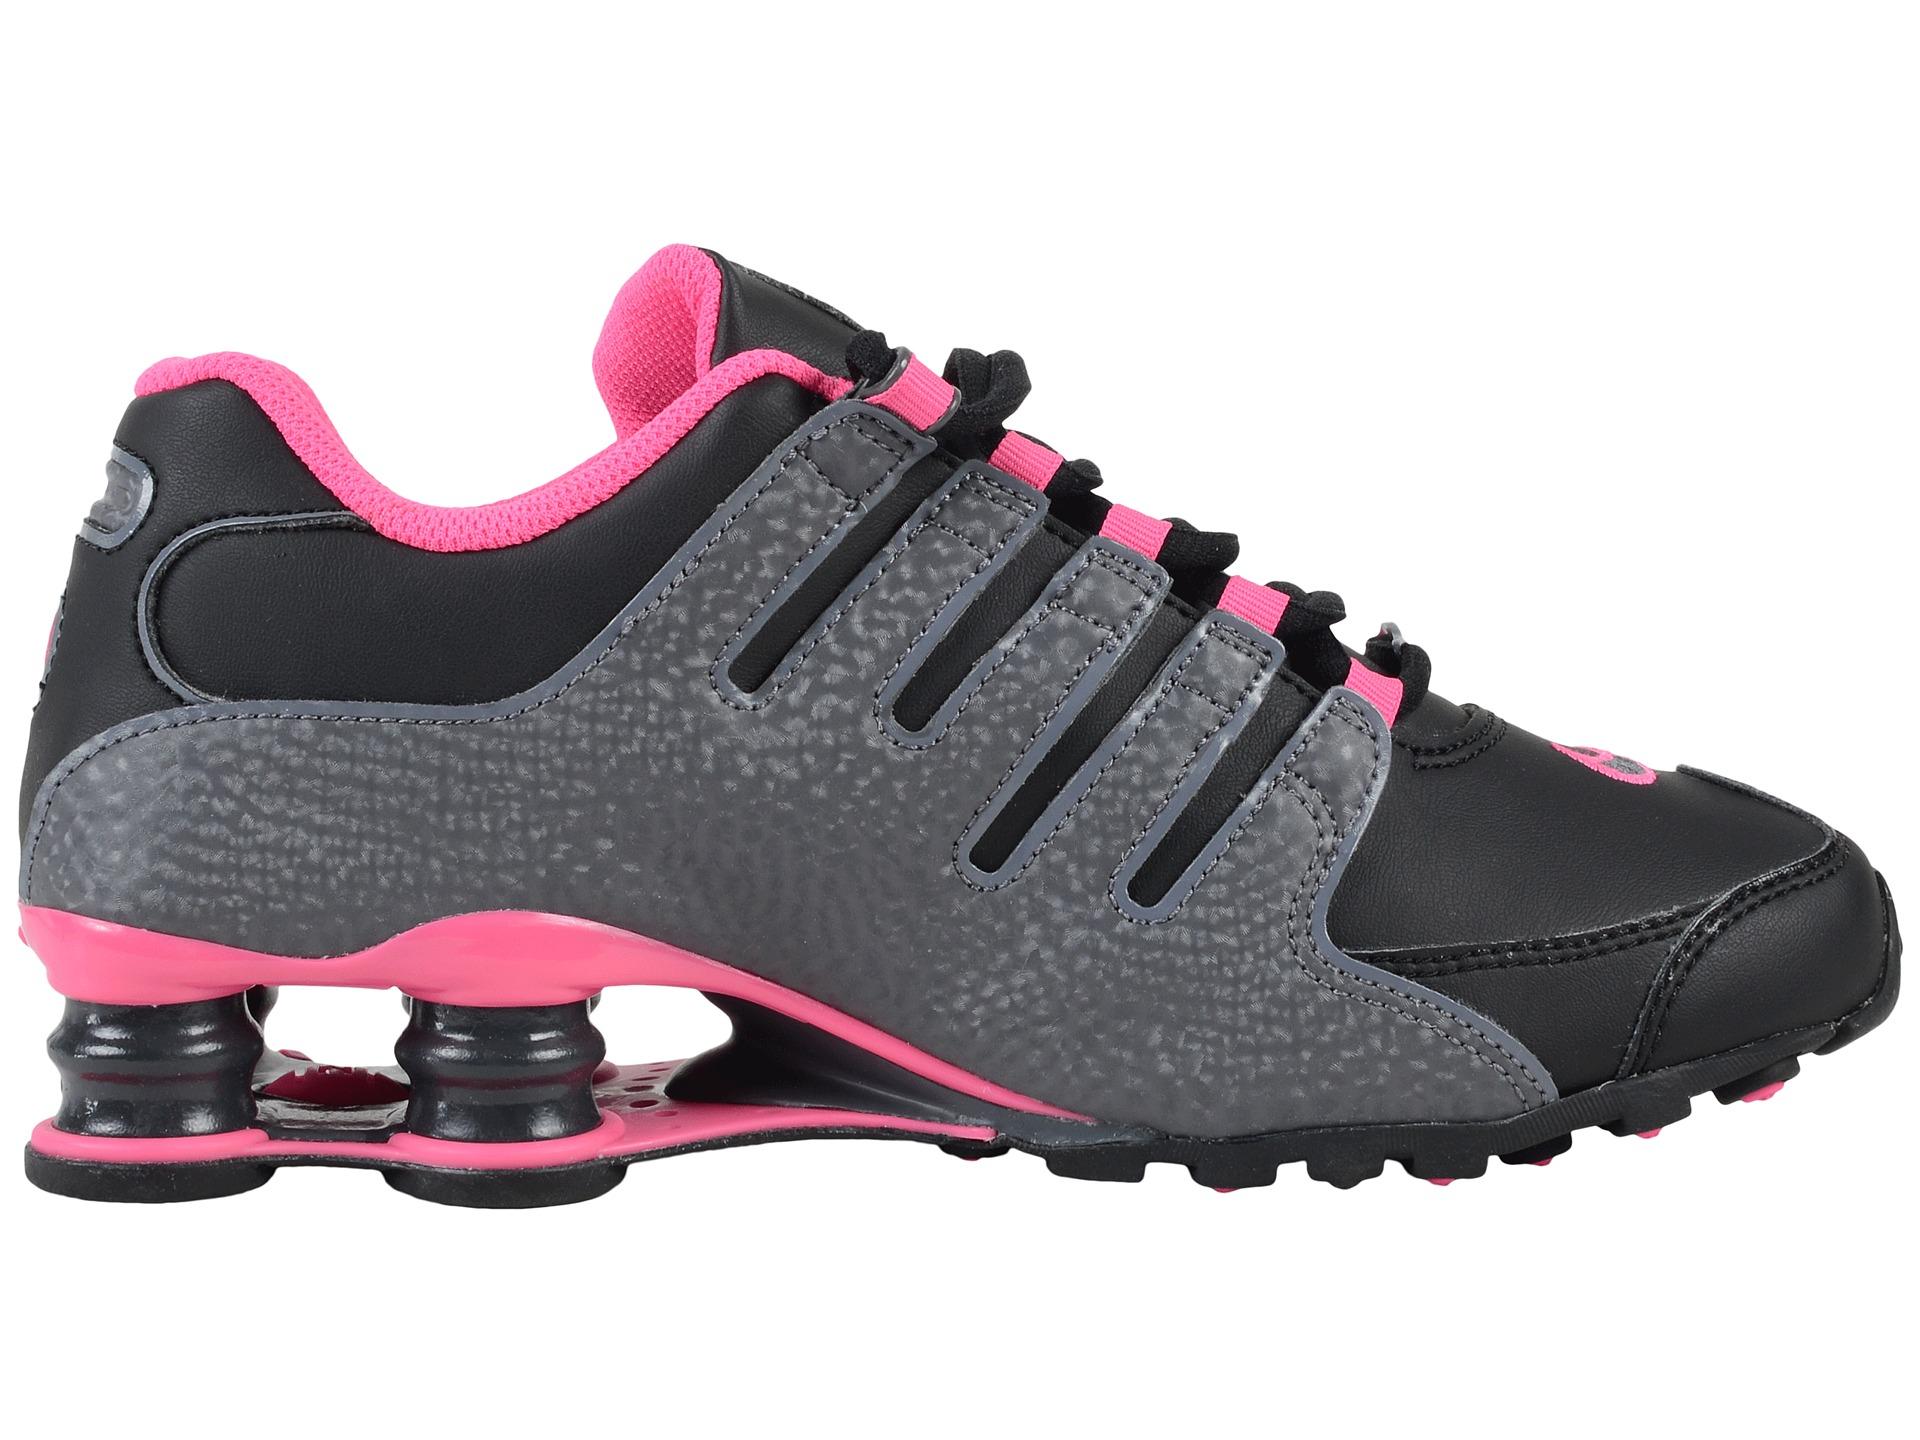 ac6ddc0ec0f65 Nike Classic Cortez Sp Release Date